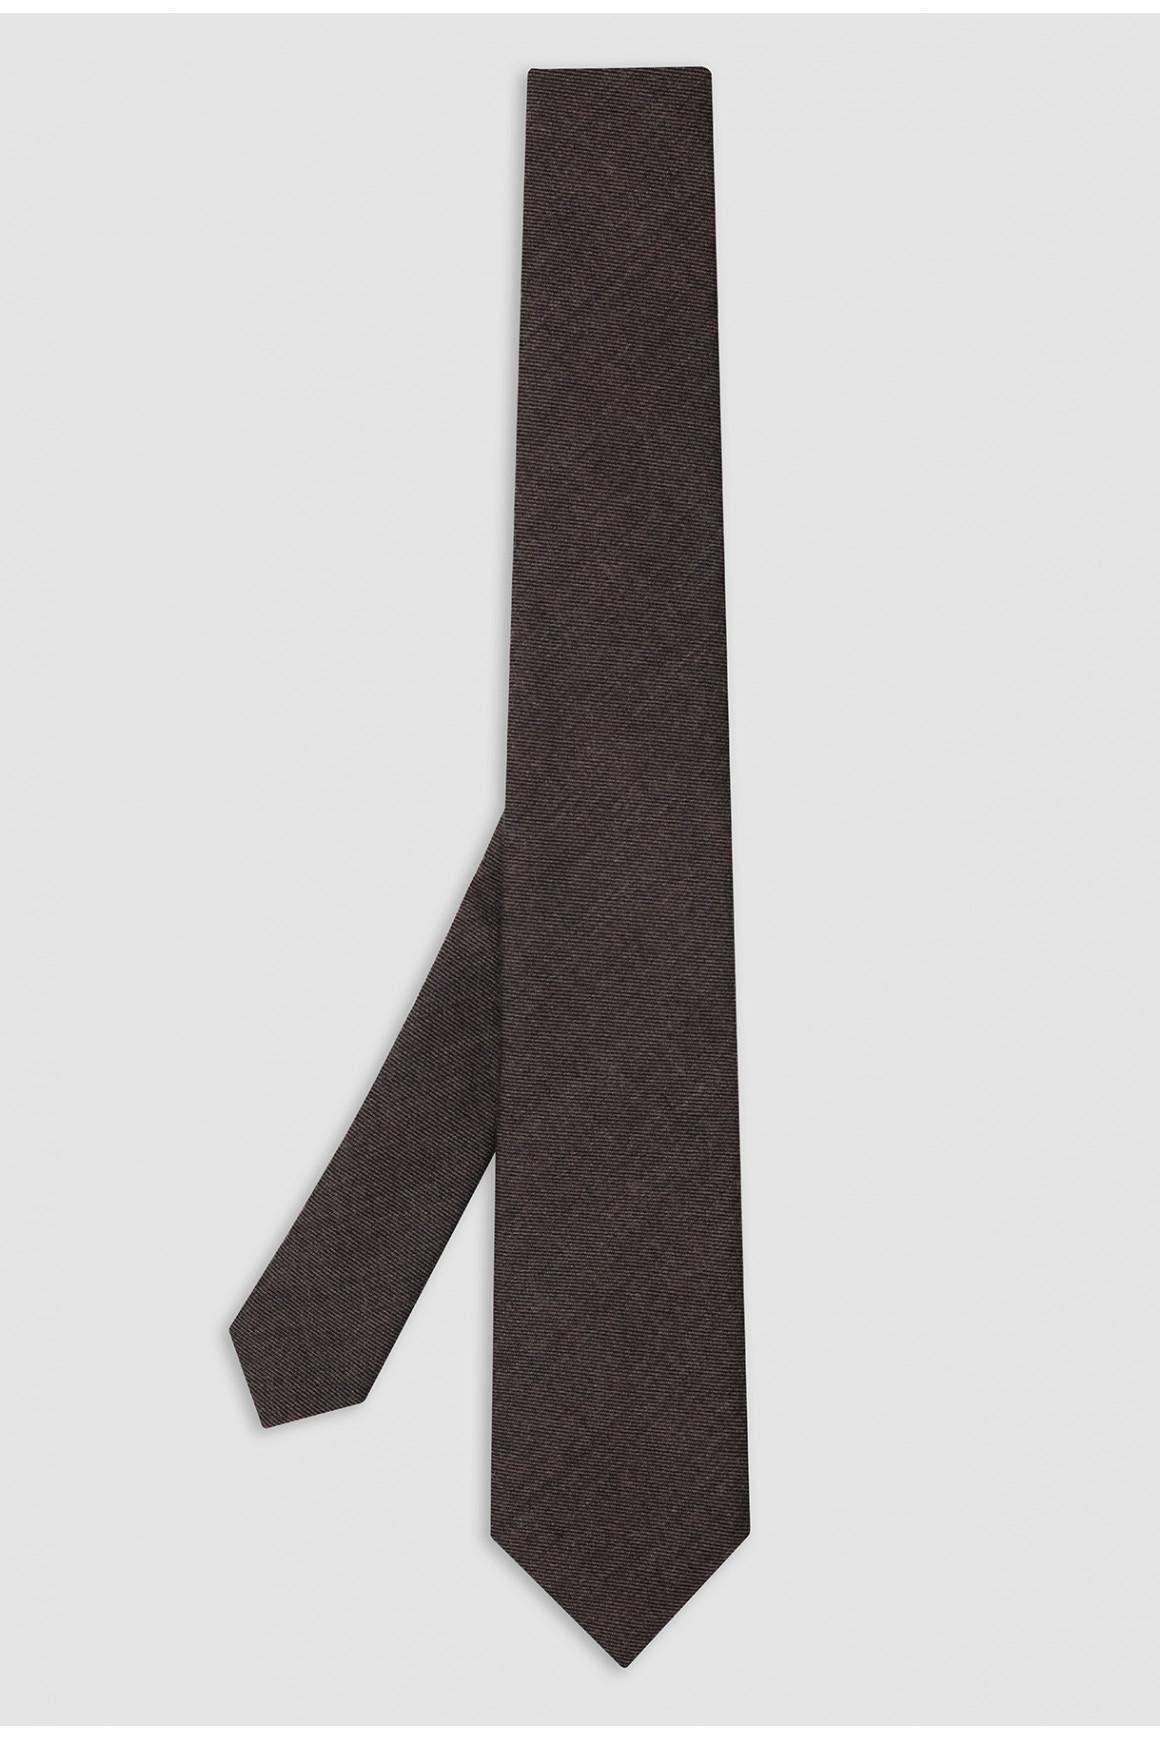 Cravate Marron Laine Et Soie